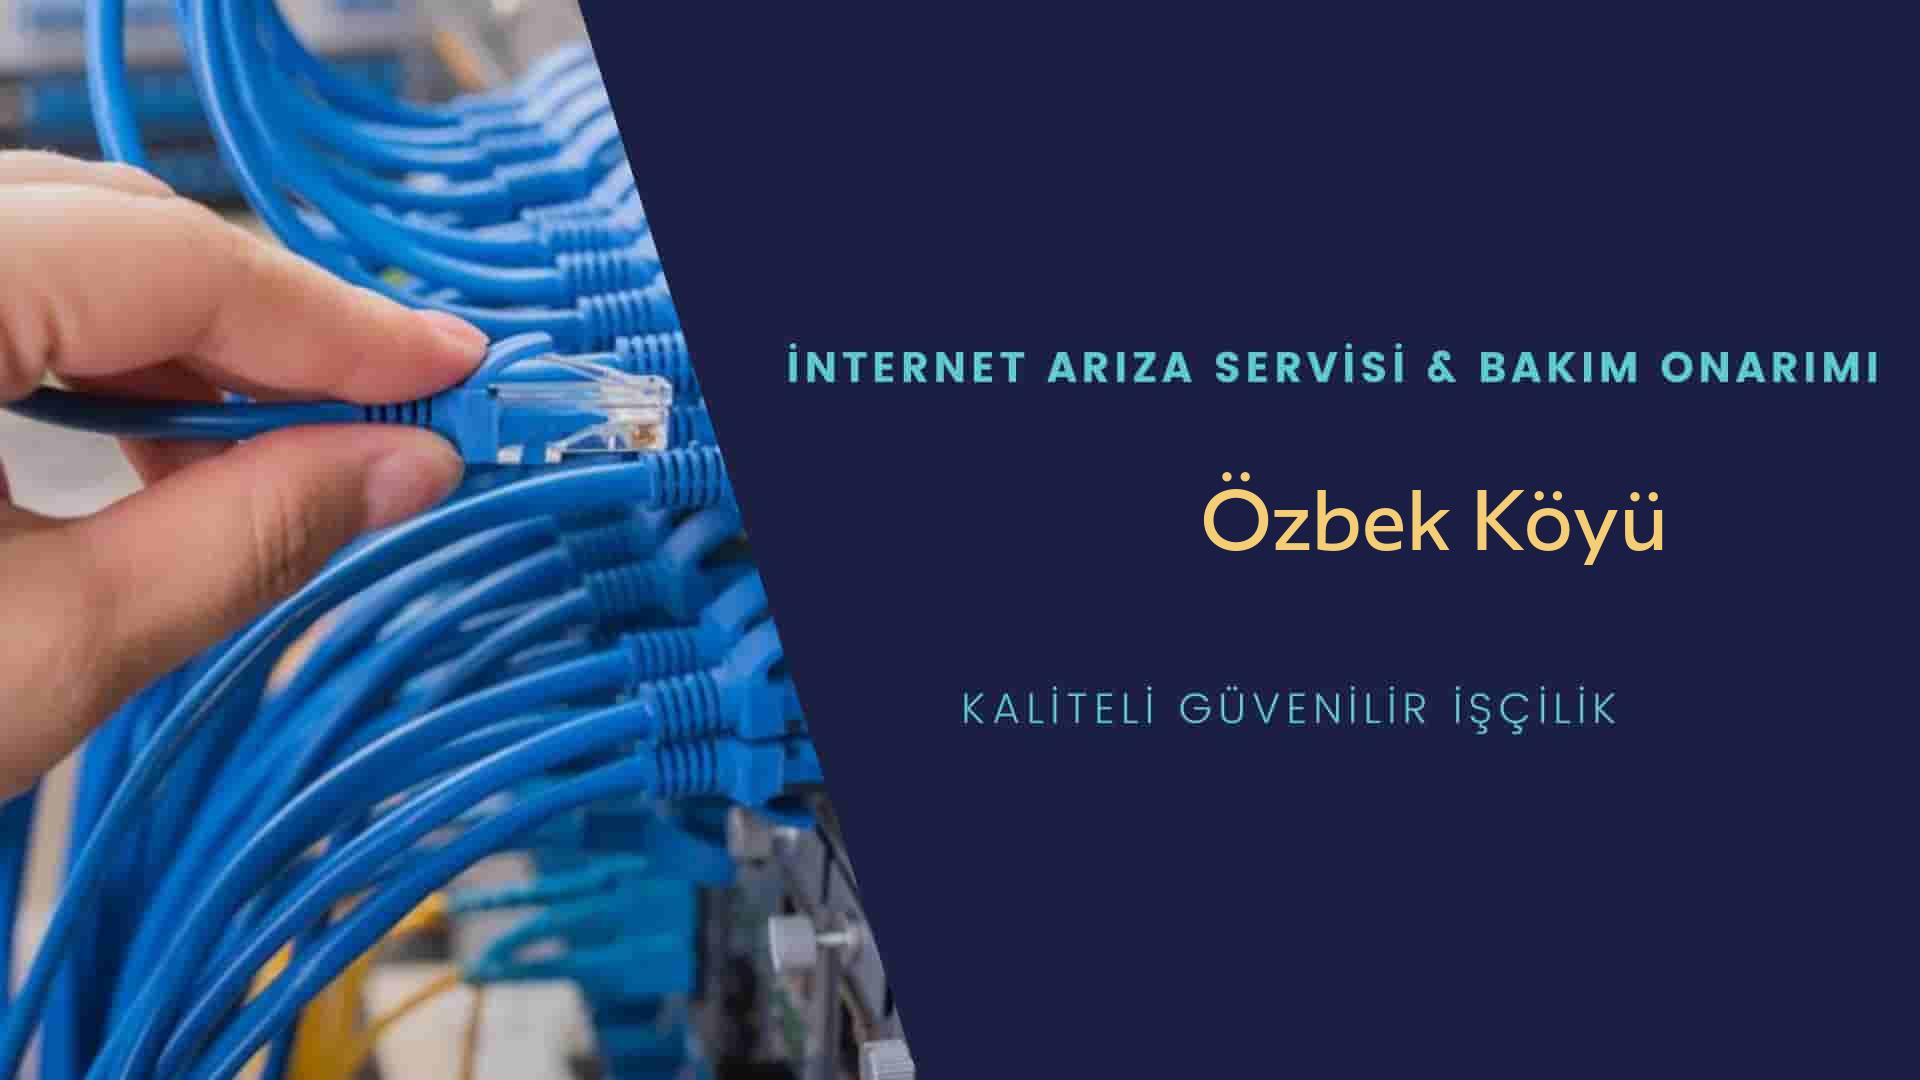 Özbek Köyü internet kablosu çekimi yapan yerler veya elektrikçiler mi? arıyorsunuz doğru yerdesiniz o zaman sizlere 7/24 yardımcı olacak profesyonel ustalarımız bir telefon kadar yakındır size.